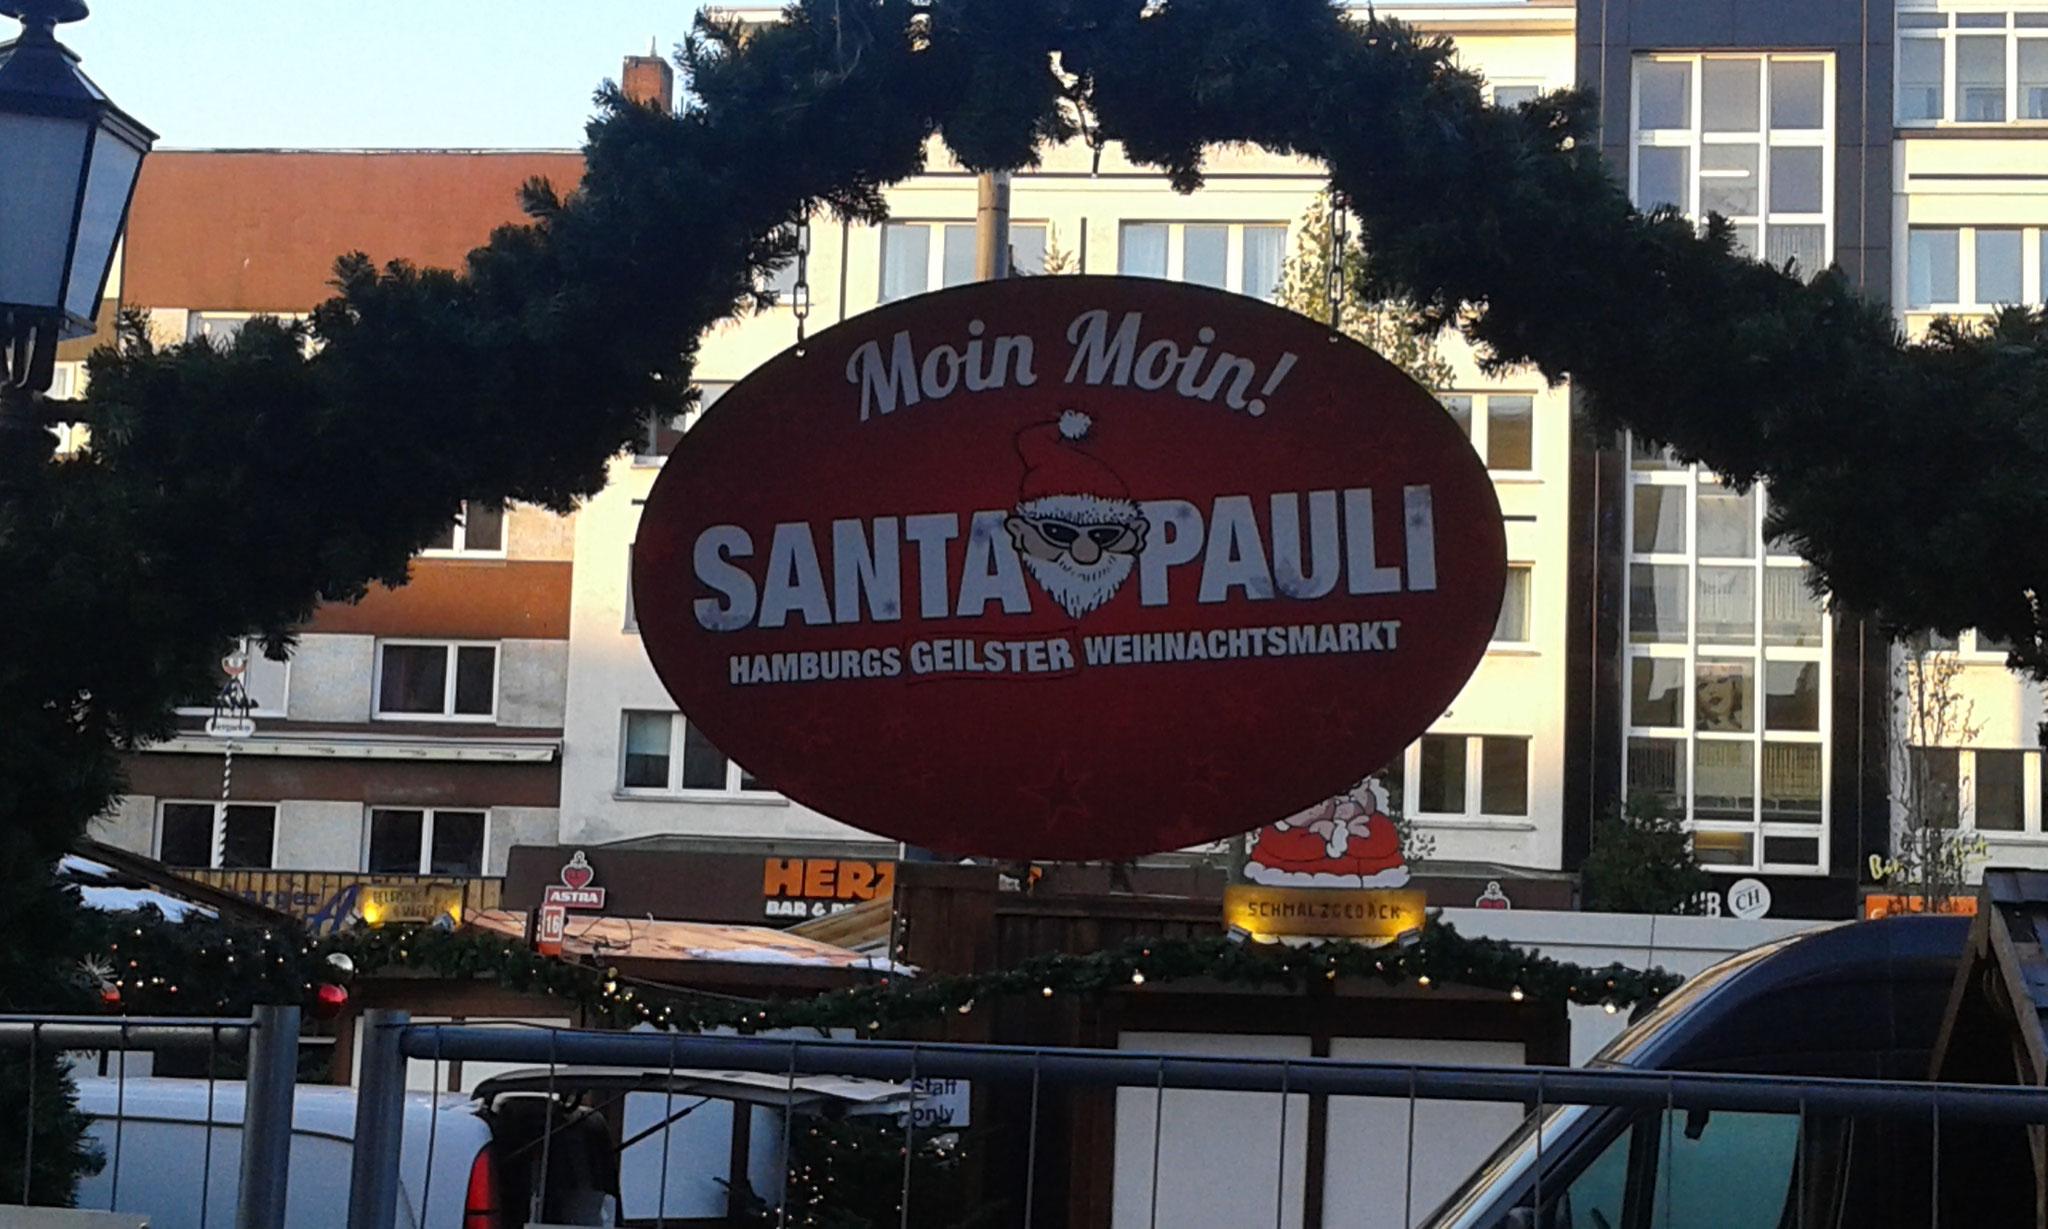 Weihnachtsmarkt 2016 vor der Eröffnung - Spielbudenplatz Hamburg St. Pauli